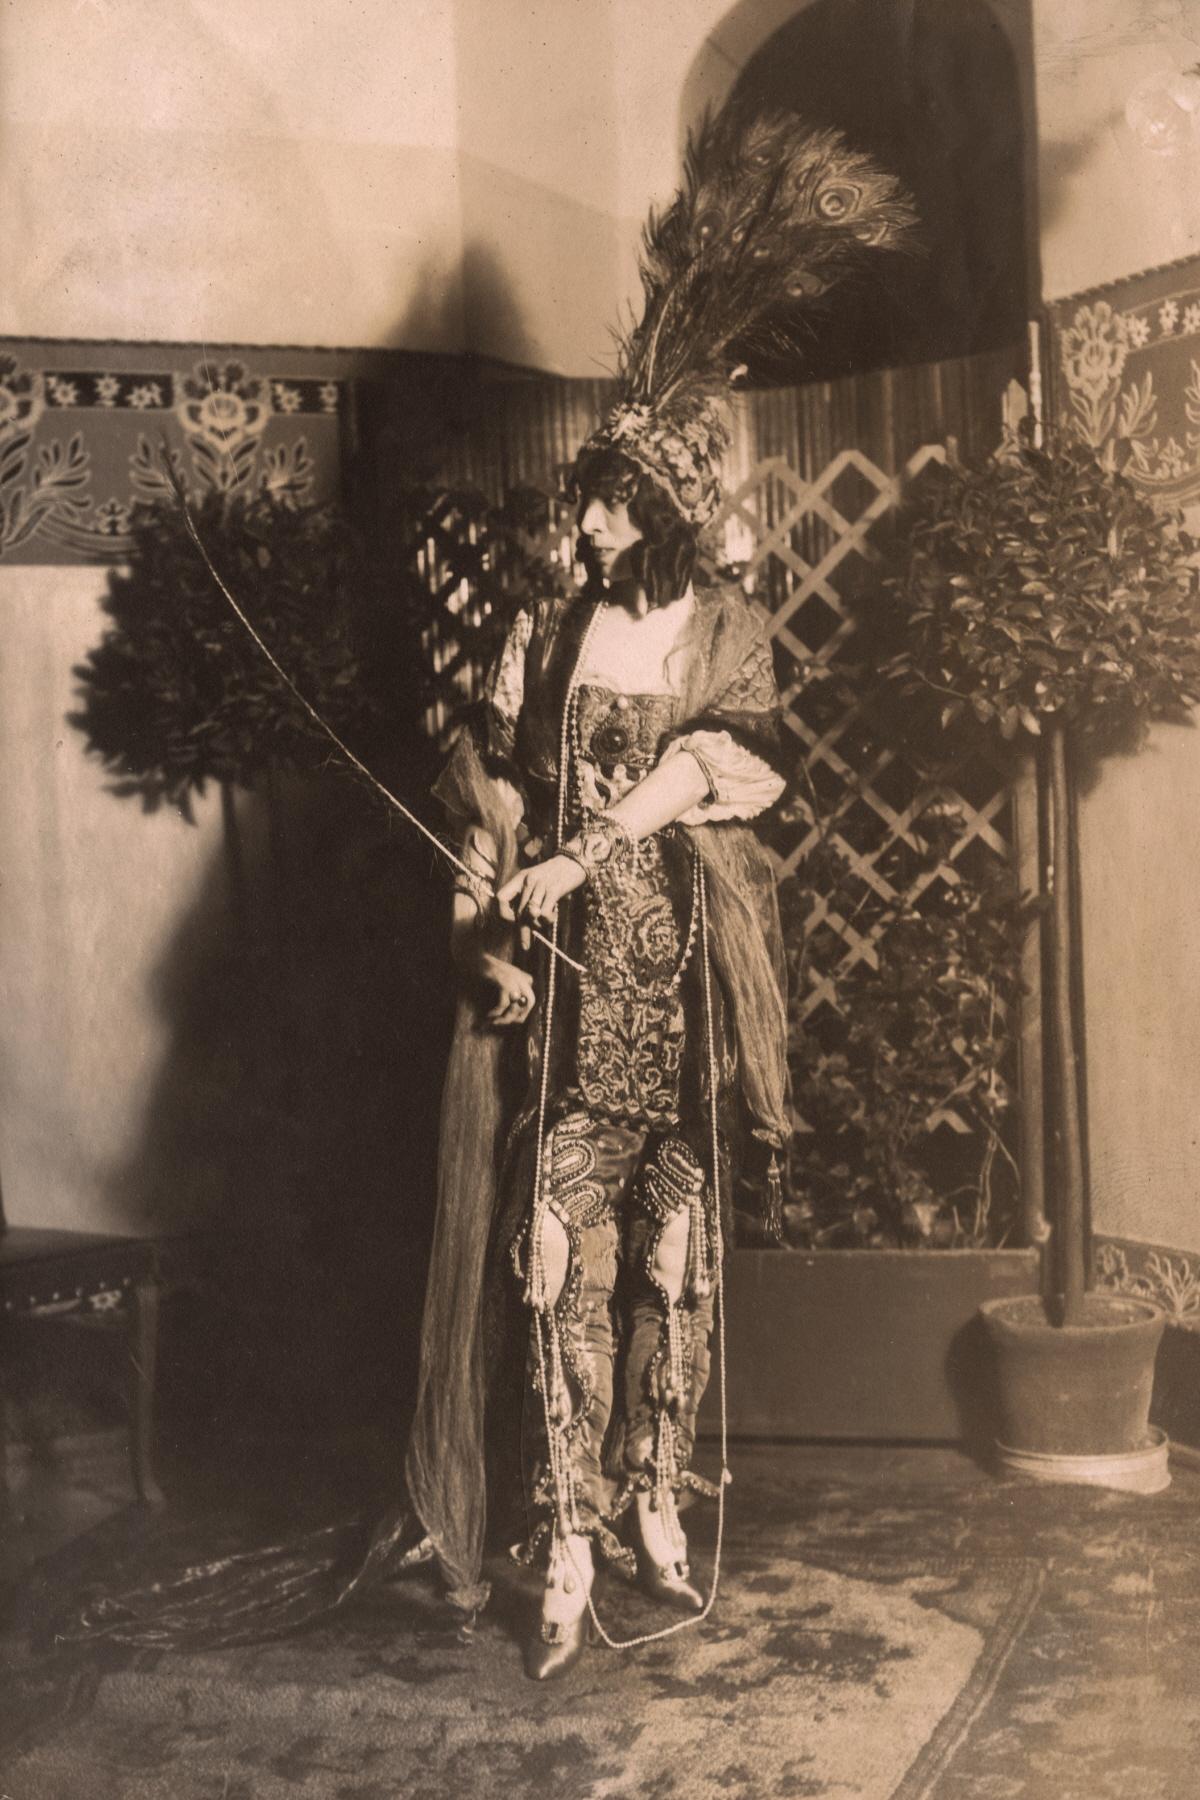 이탈리아 상속녀이자 미술 후원자 루이자 카사티 여후작의 1915년도 모습